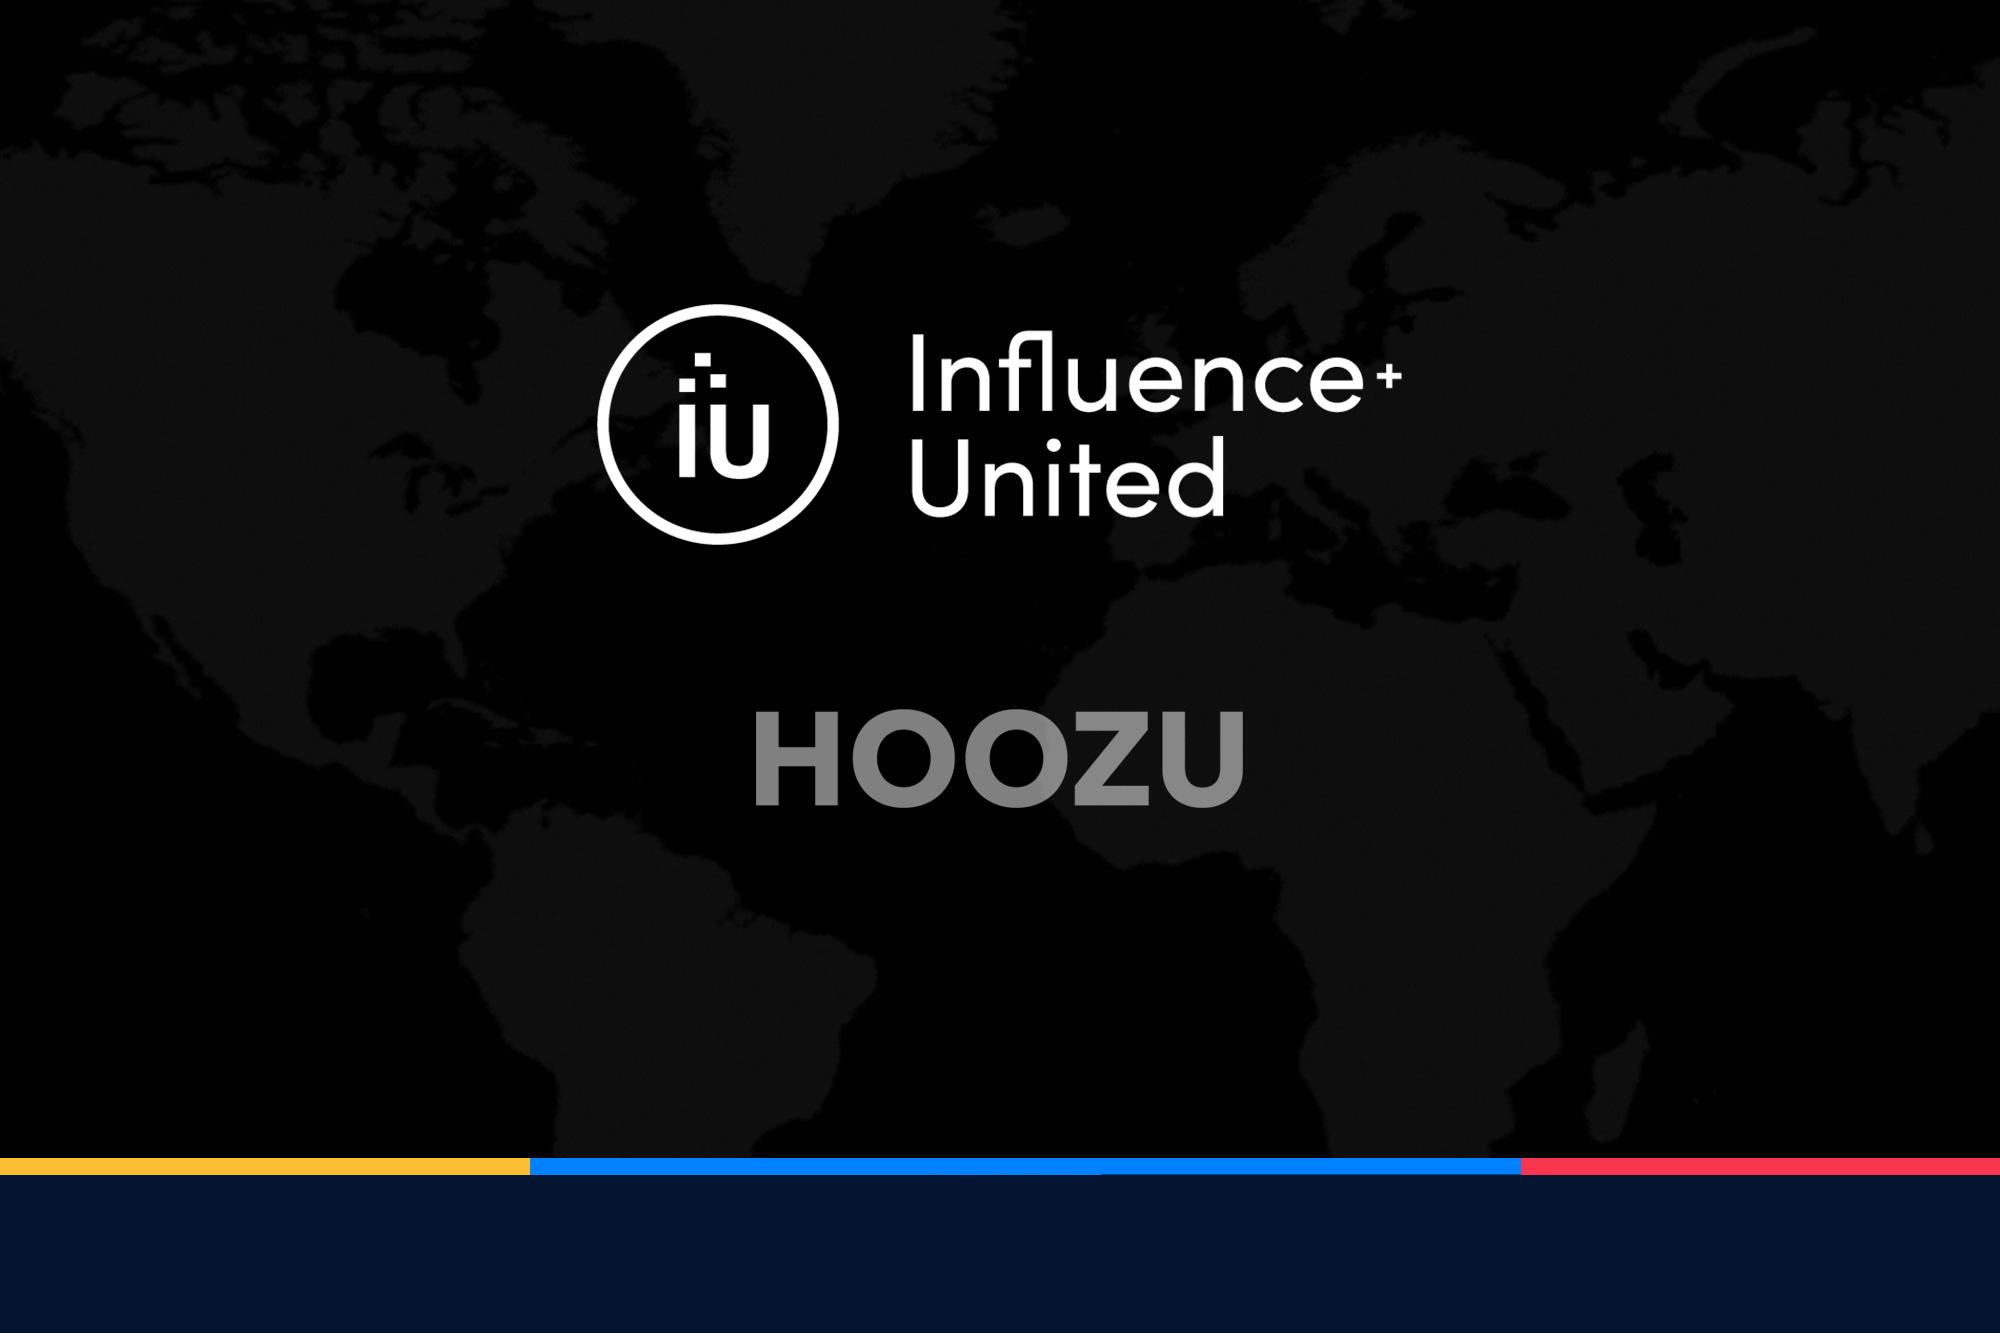 Influence+United welcomes Hoozu